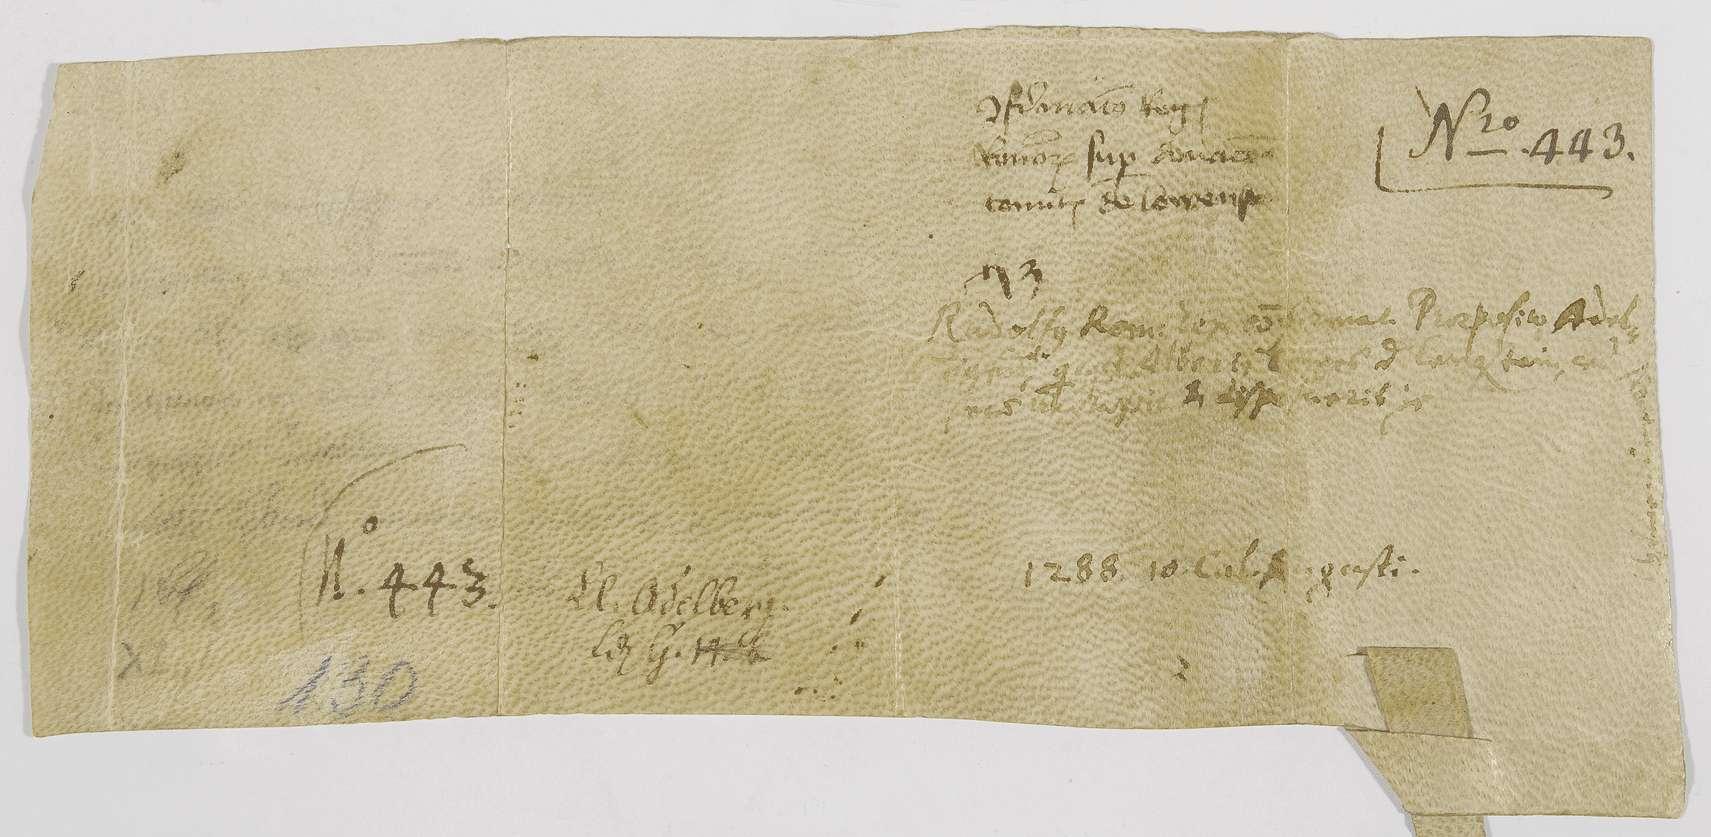 König Rudolf bestätigt die Abmachungen zwischen dem Propst von Adelberg und dem Grafen Albrecht von Löwenstein betreffend die Vogtei über Güter des Klosters Adelberg., Bild 2